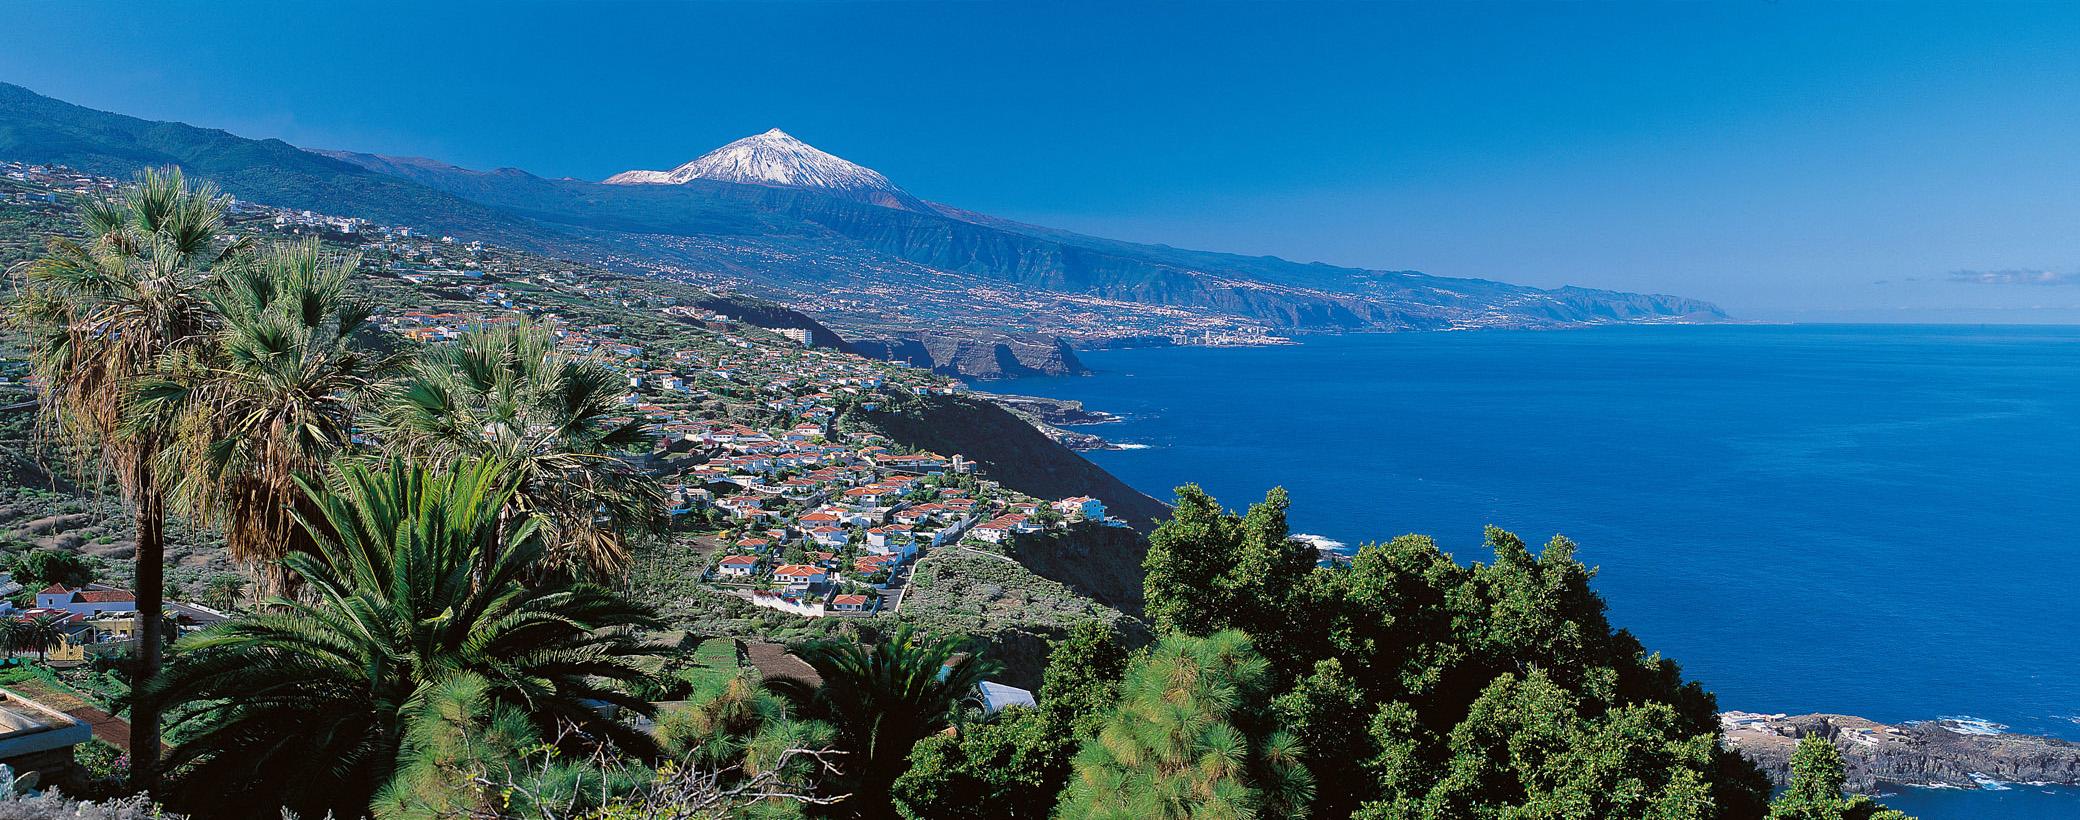 Vacaciones para mayores de 55 años en Baleares y Canarias